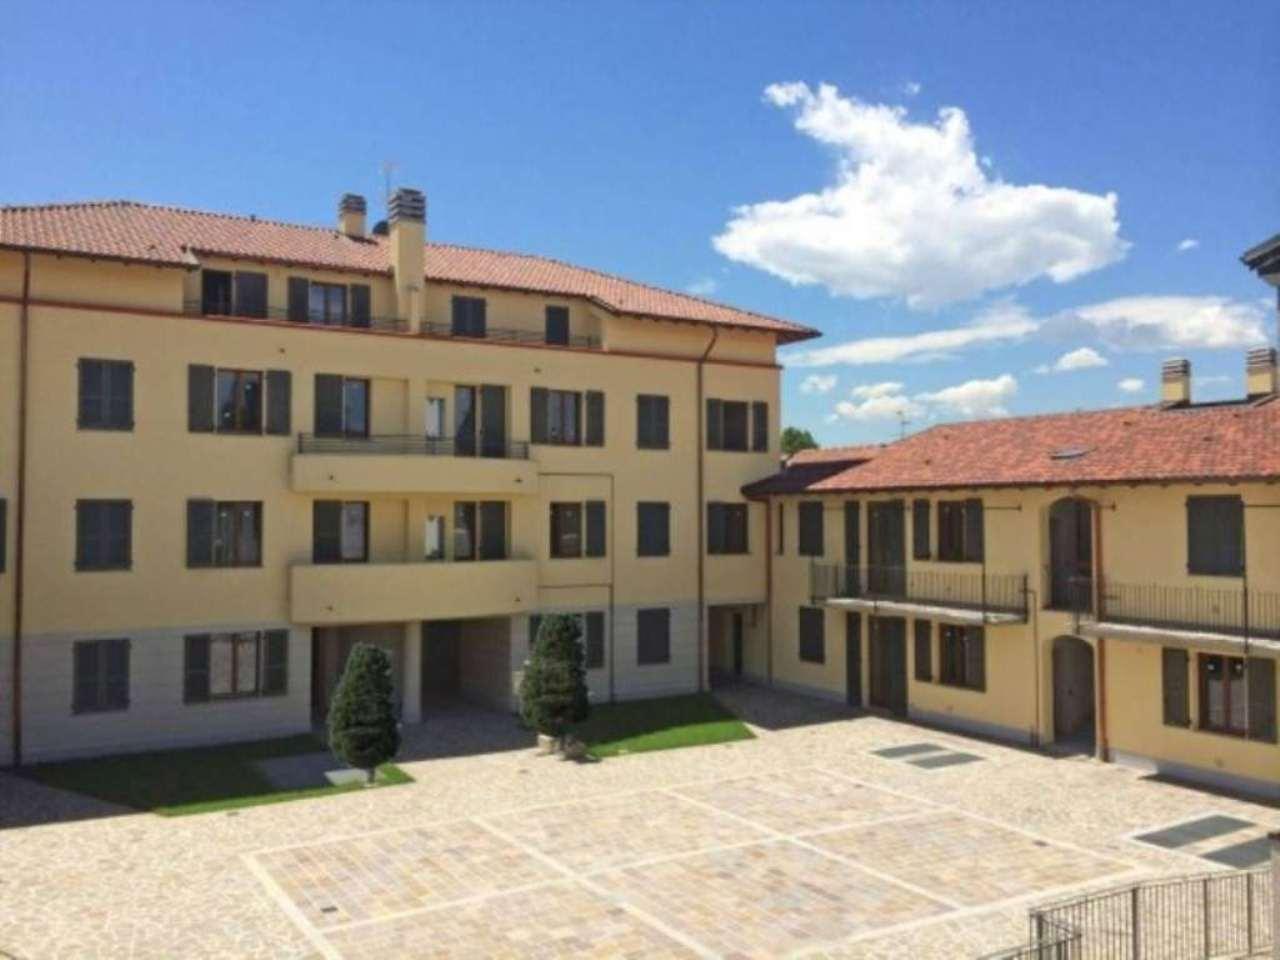 Appartamento in vendita a Inzago, 3 locali, prezzo € 225.700 | Cambio Casa.it